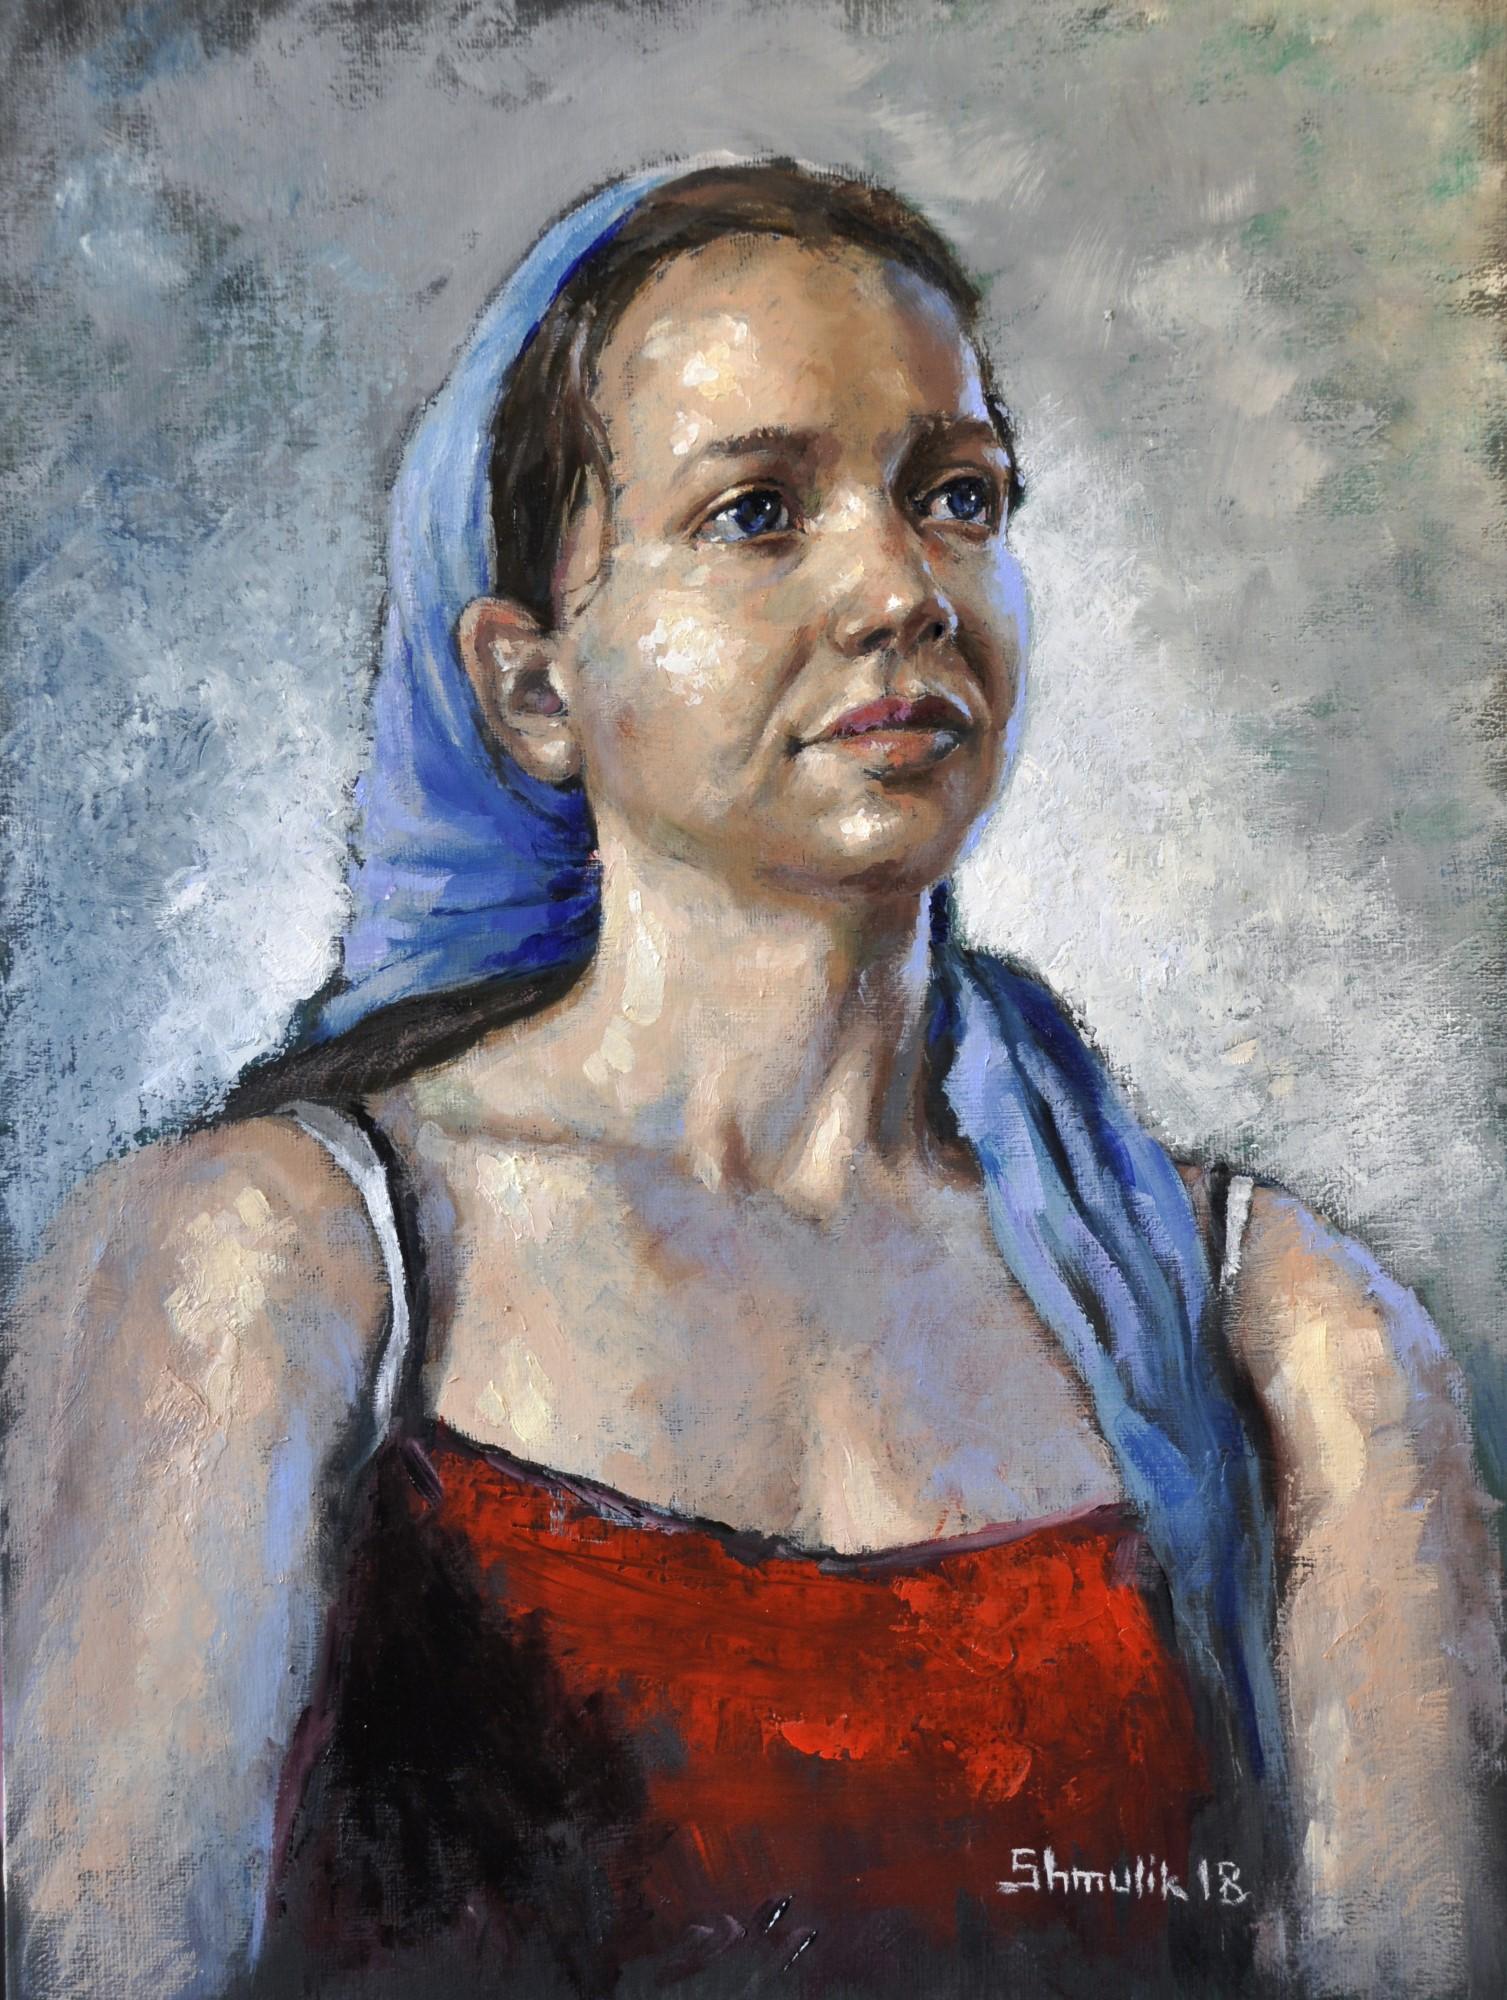 מציוריו של שמוליק סוכרי המוצגים בתערוכה.